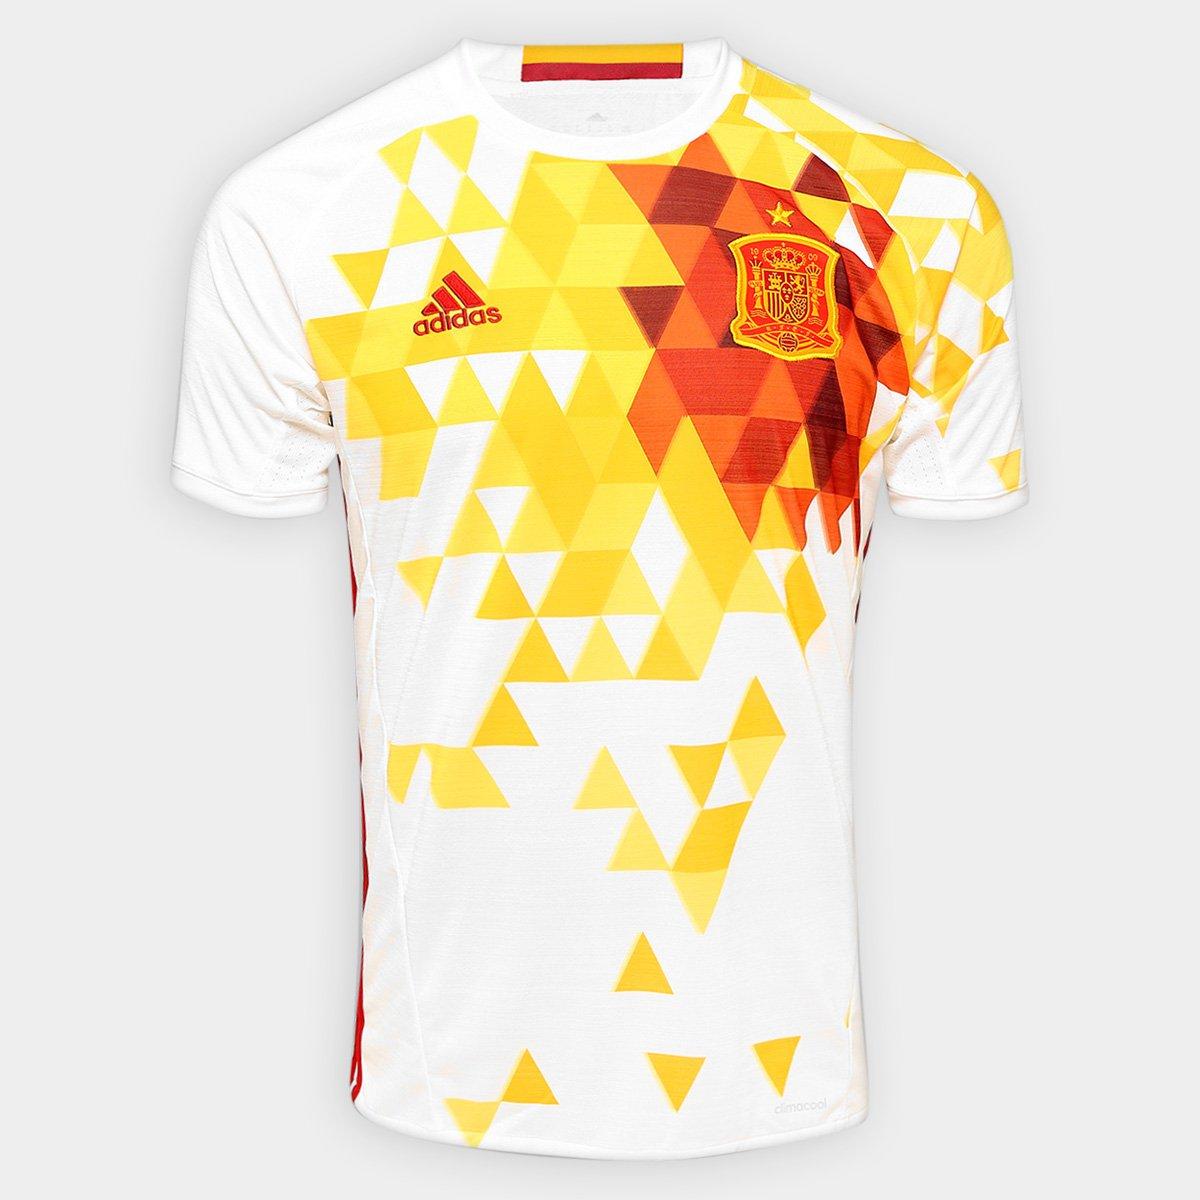 415f51d335 Camisa Seleção Espanha Away 2016 s nº Torcedor Adidas Masculina - Compre  Agora